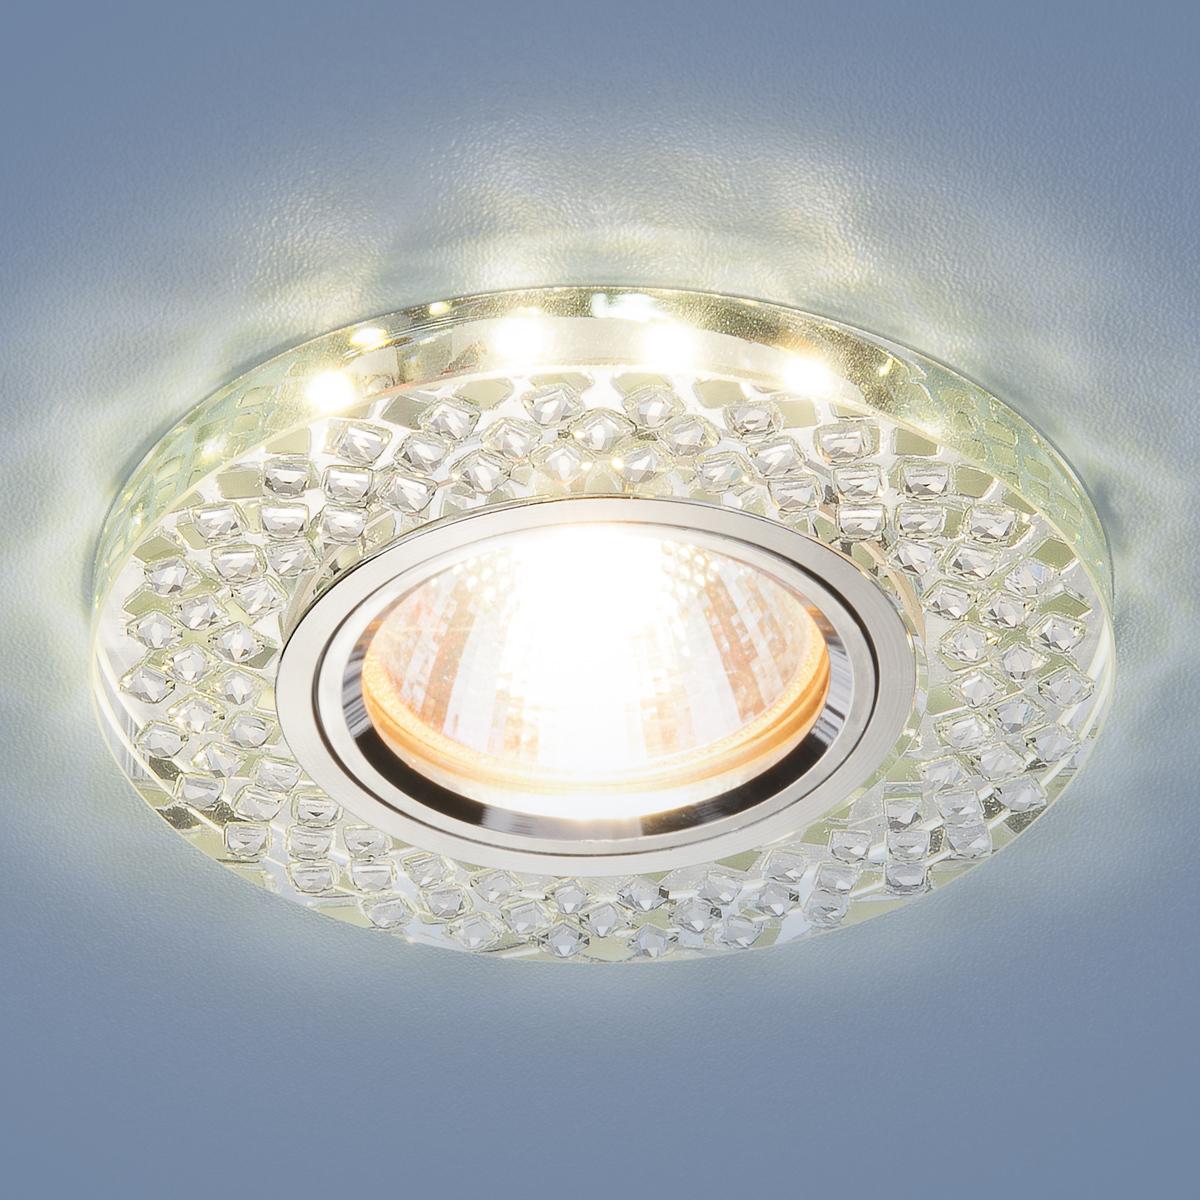 Встраиваемый светильник Elektrostandard потолочный со светодиодной подсветкой 2140 MR16 SL, G5.3